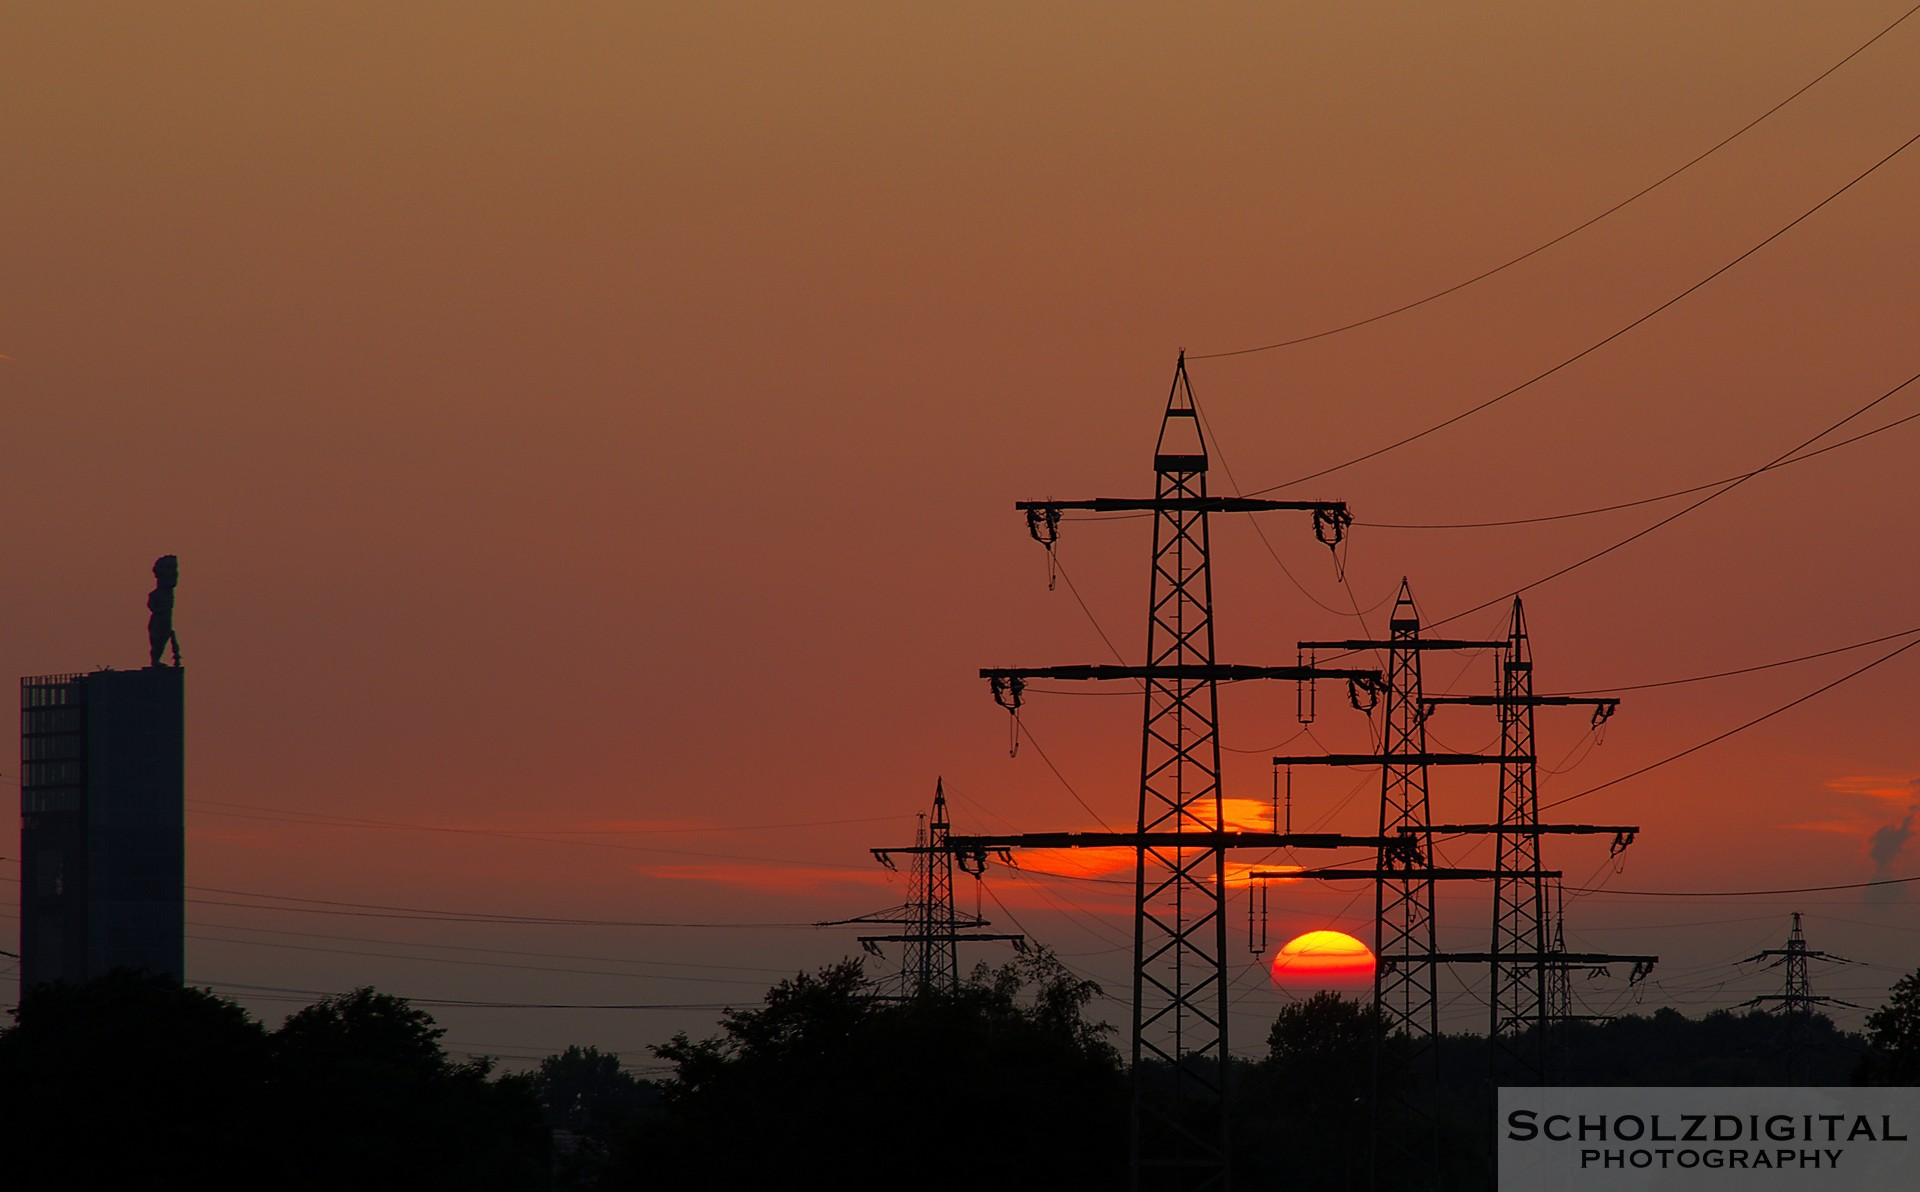 HDR Bild / Aufnahme Sonnenuntergang Strommast